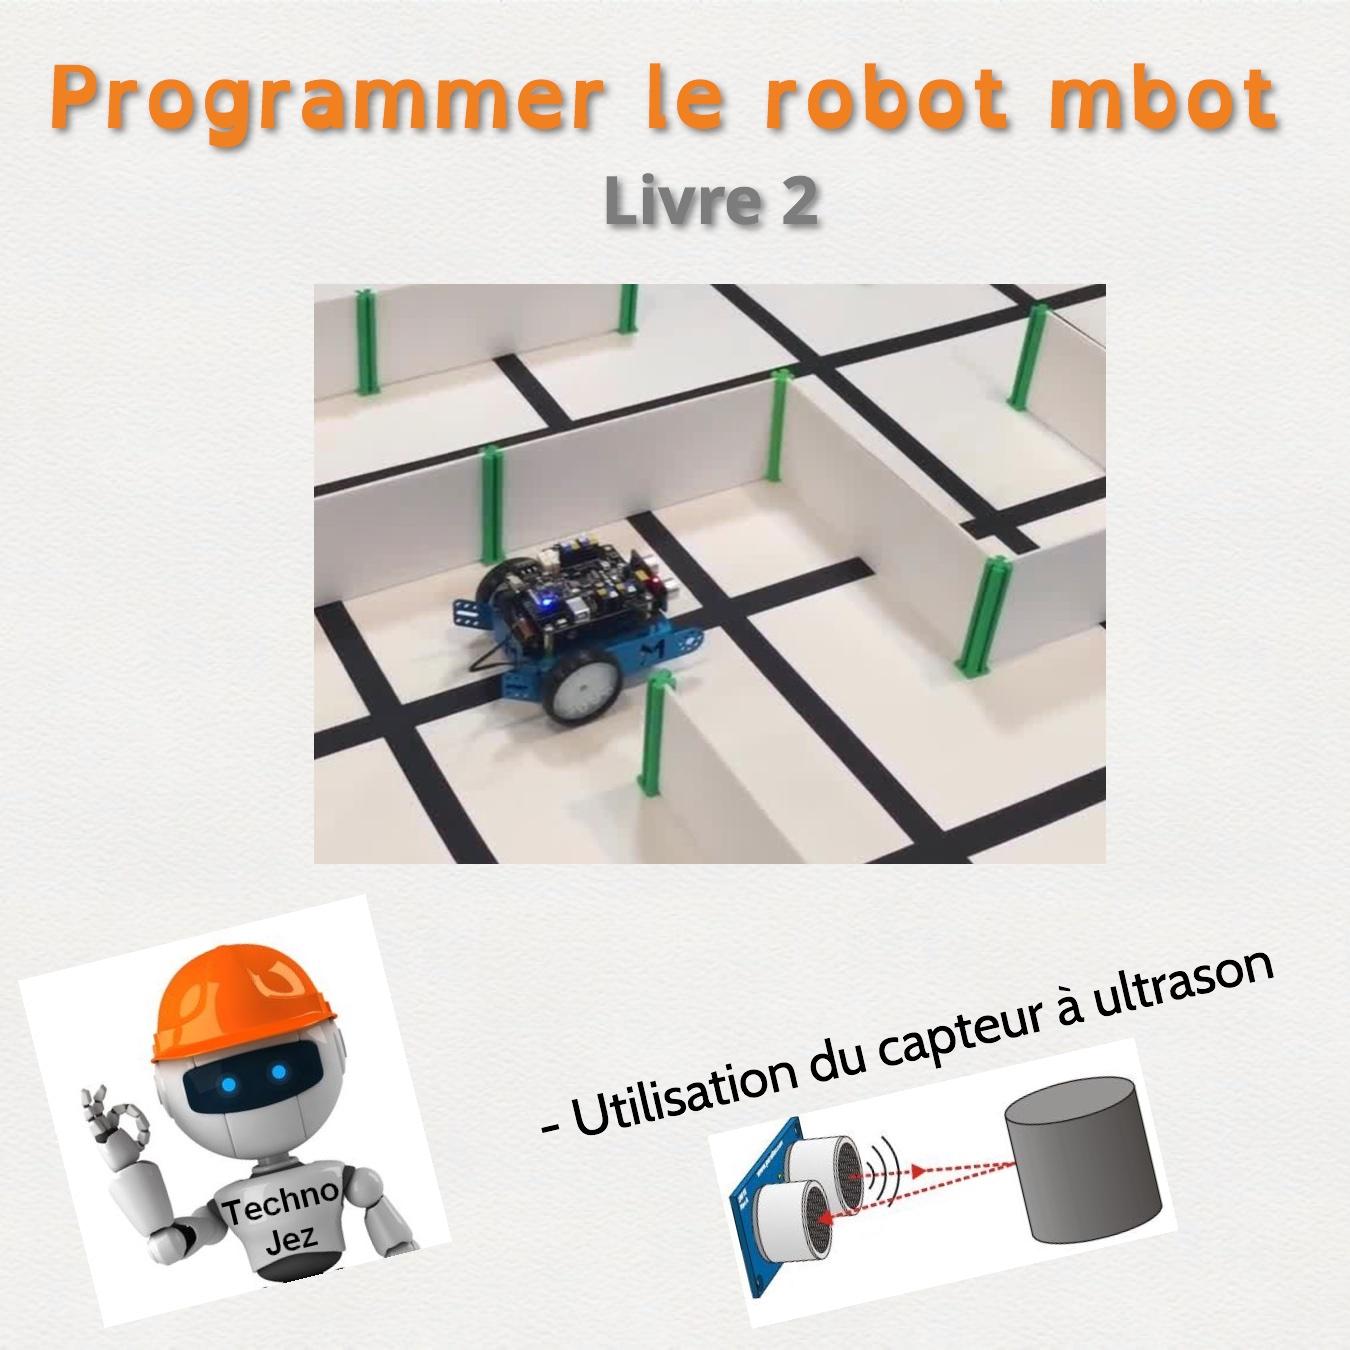 Mbot (ultrason)